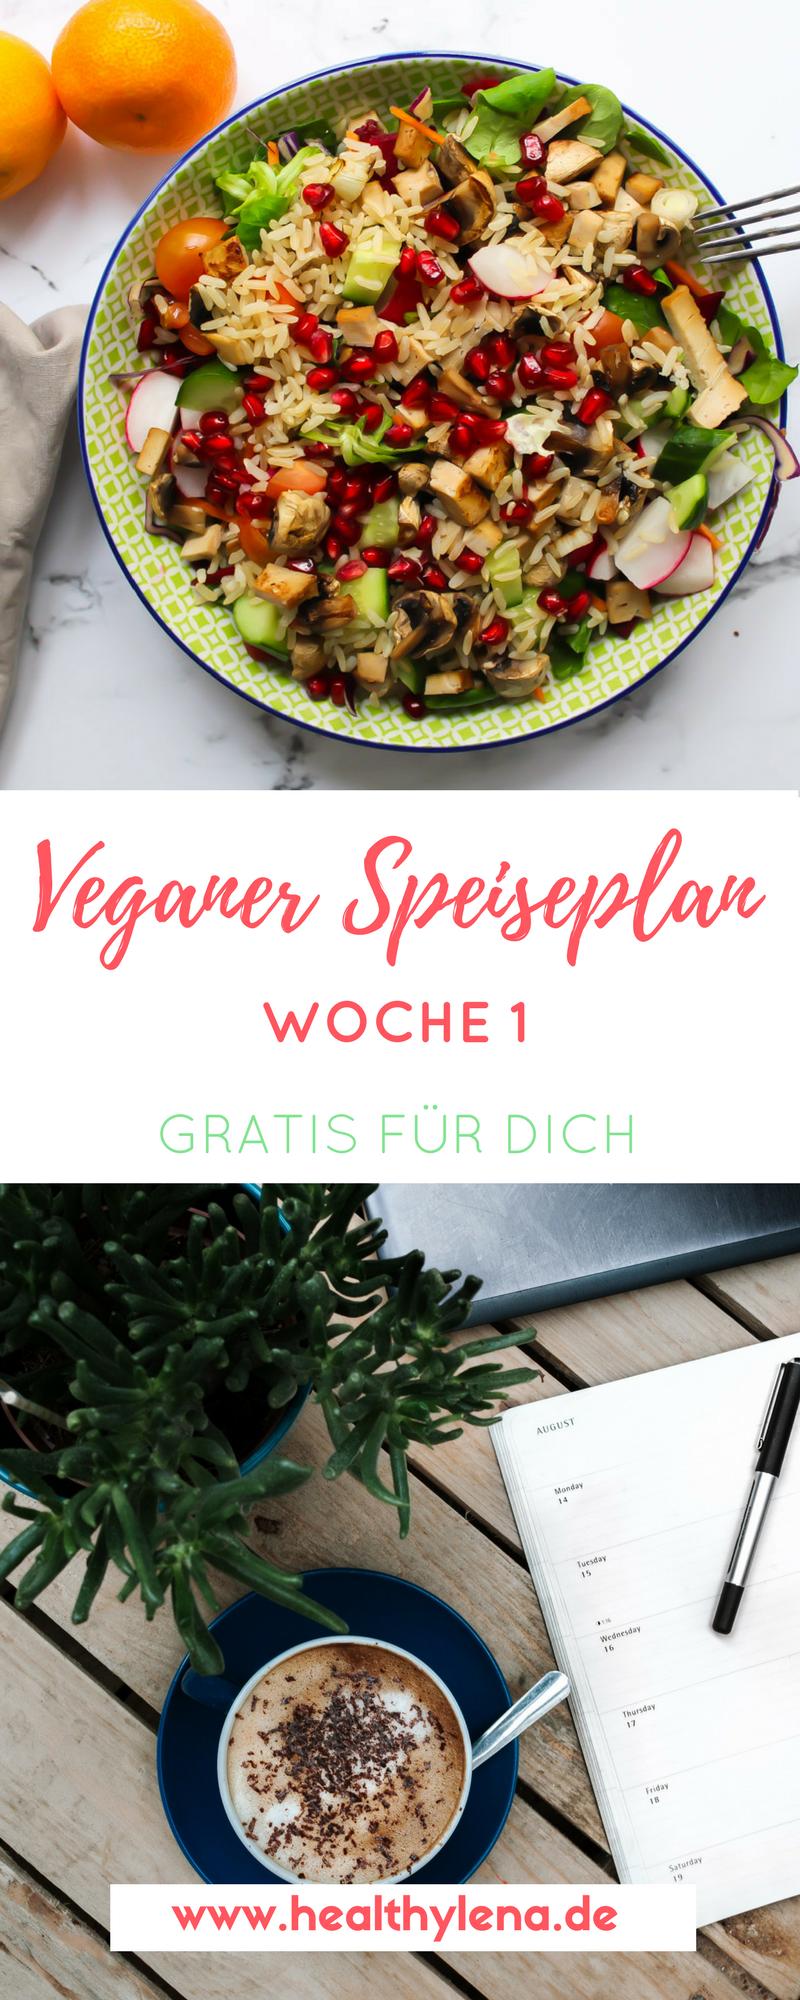 Mein Veganer Speiseplan Gratis Fur Dich Woche 1 Mit Bildern Vegane Rezepte Rezepte Laktosefreie Rezepte